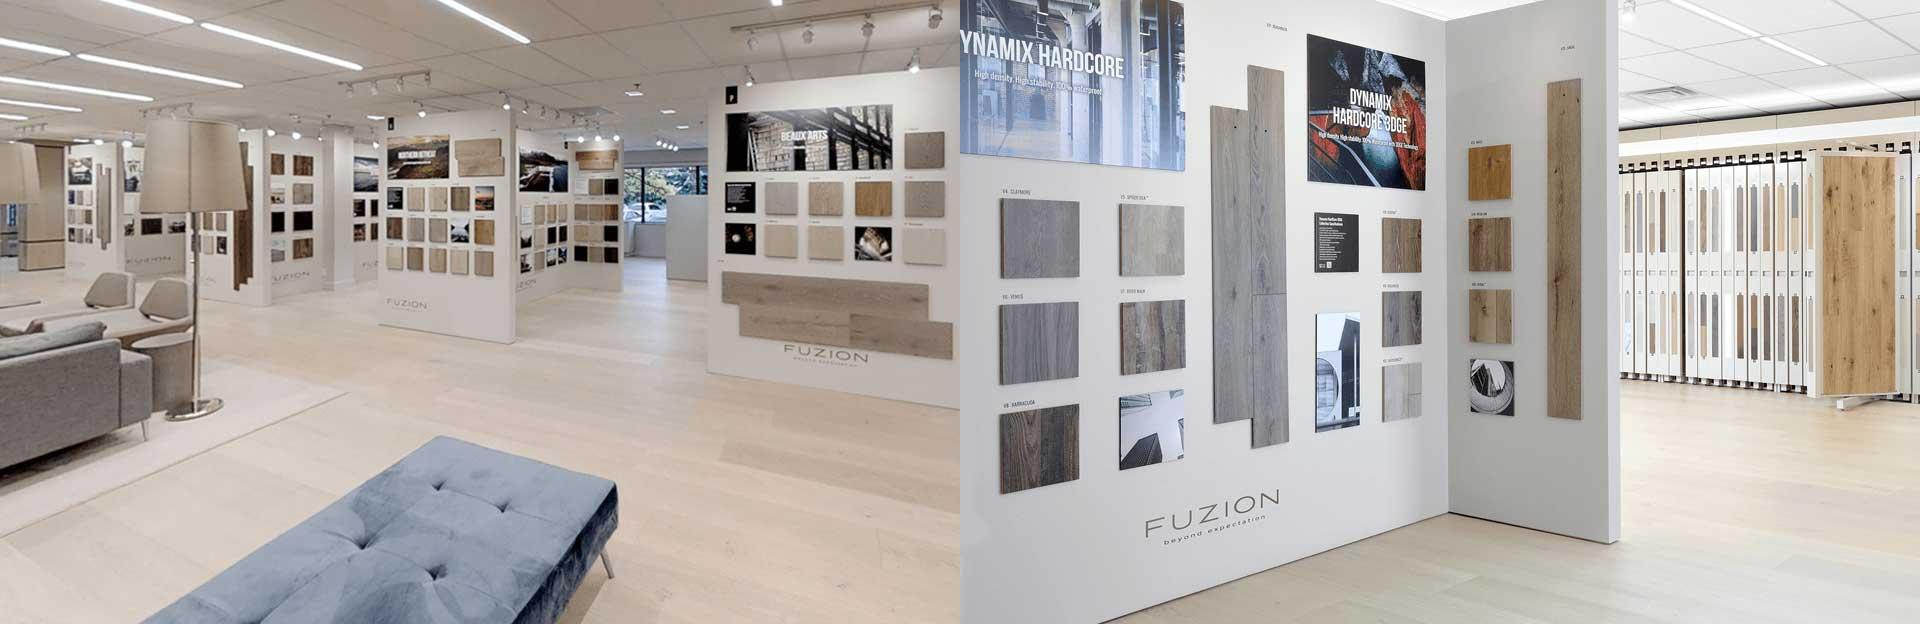 Fuzion Showroom - Branding and Marketing